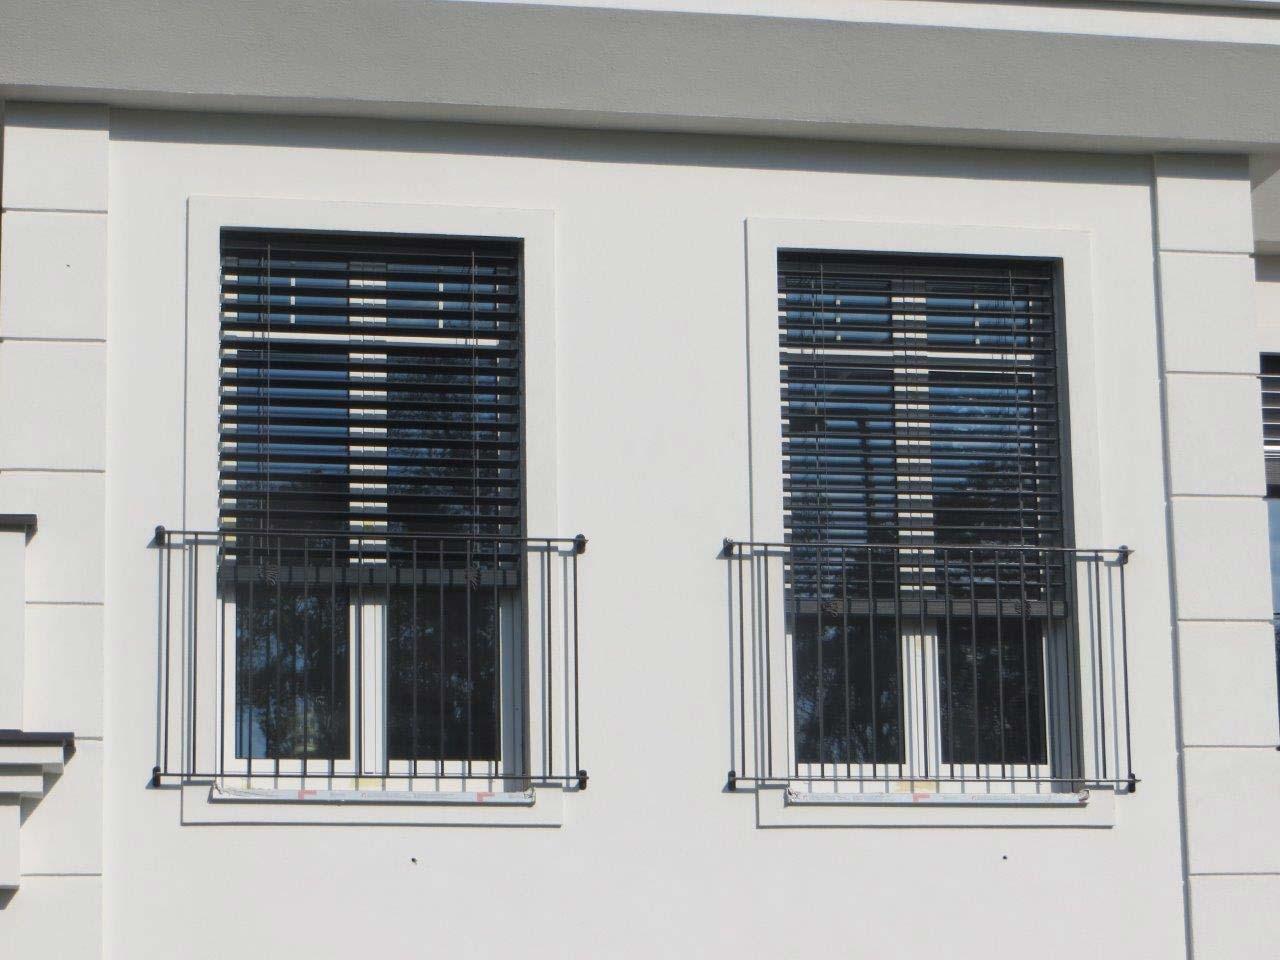 Full Size of Fenster Jalousie Innen Vorbau Raffstores Raffstore Mit Braun Pvc Austauschen Kosten Einbruchsicherung Auto Folie Einbruchsicher Nachrüsten Gardinen Auf Maß Fenster Fenster Jalousien